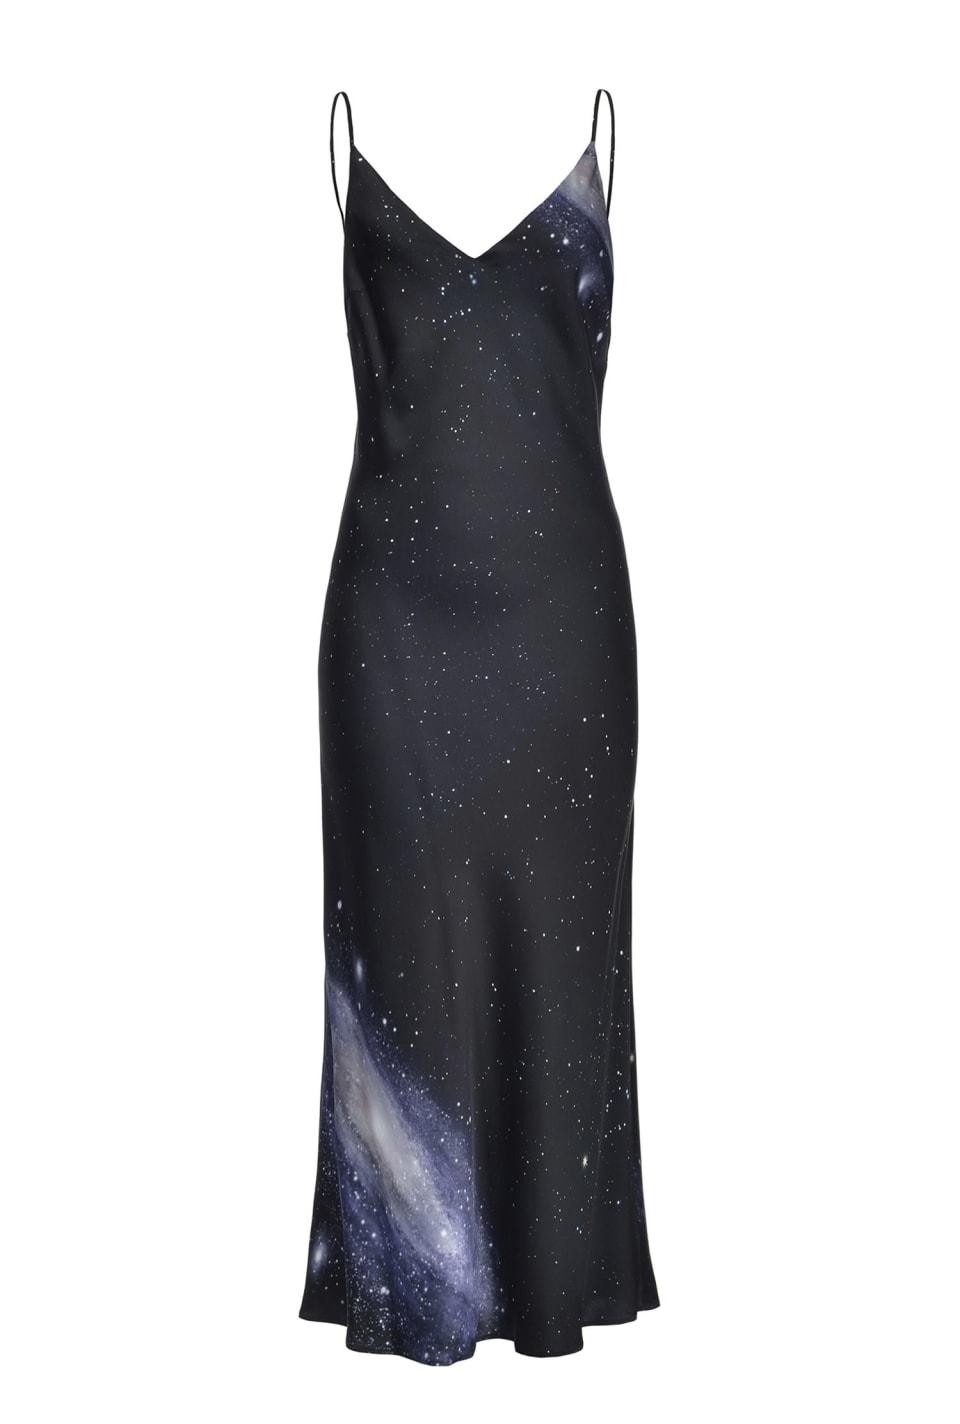 Vestido lencero con estampado motivo galaxia